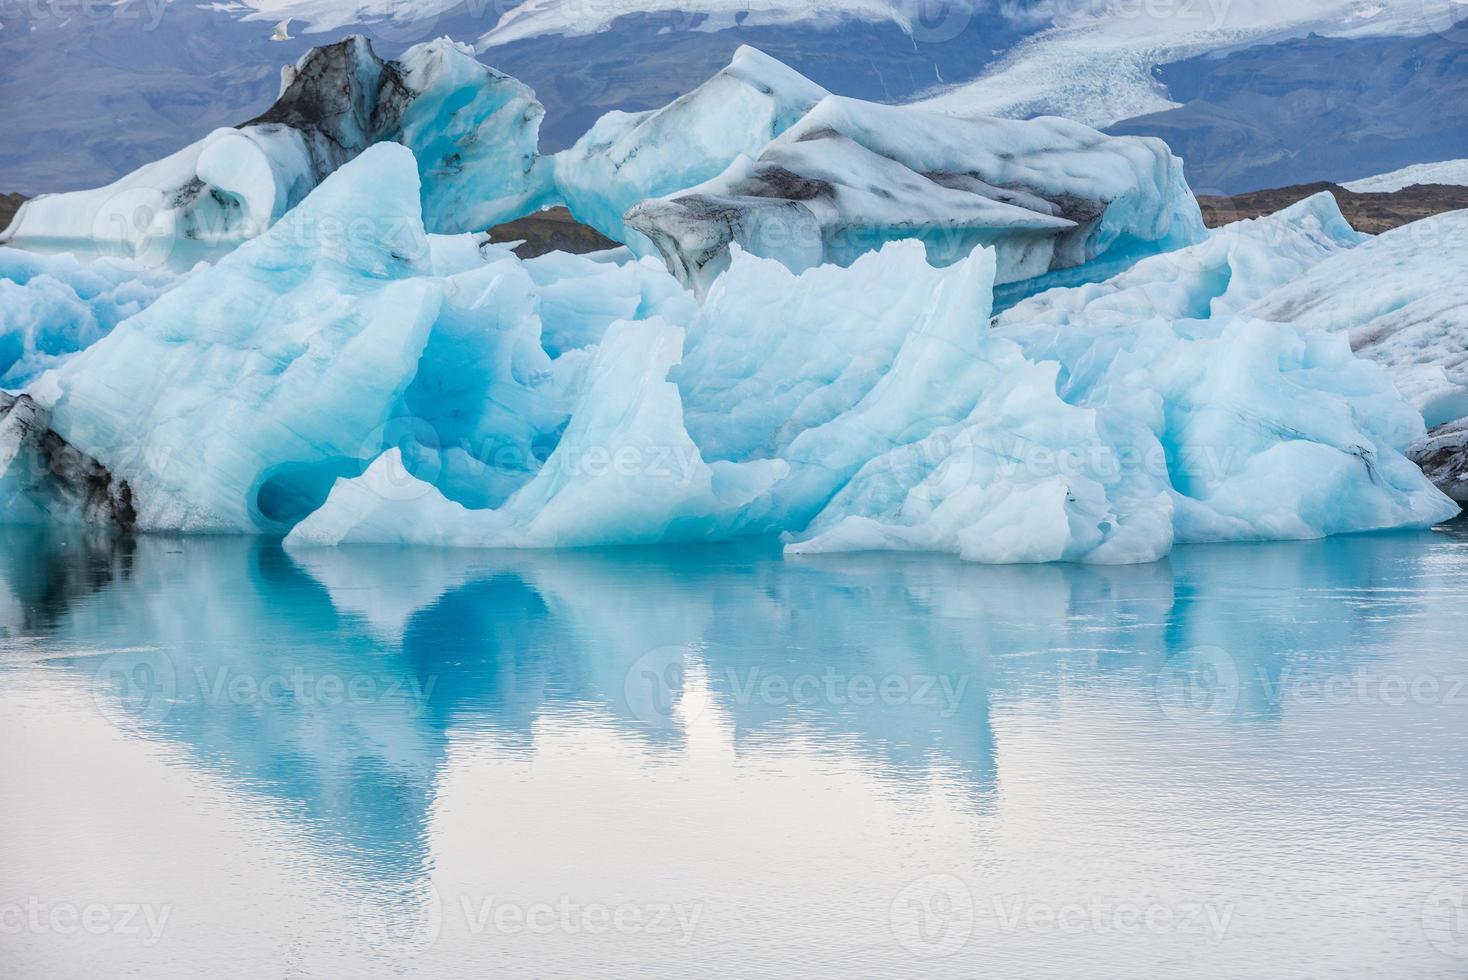 Detialansicht des Eisbergs in der Eislagune - Jokulsarlon, Island. foto